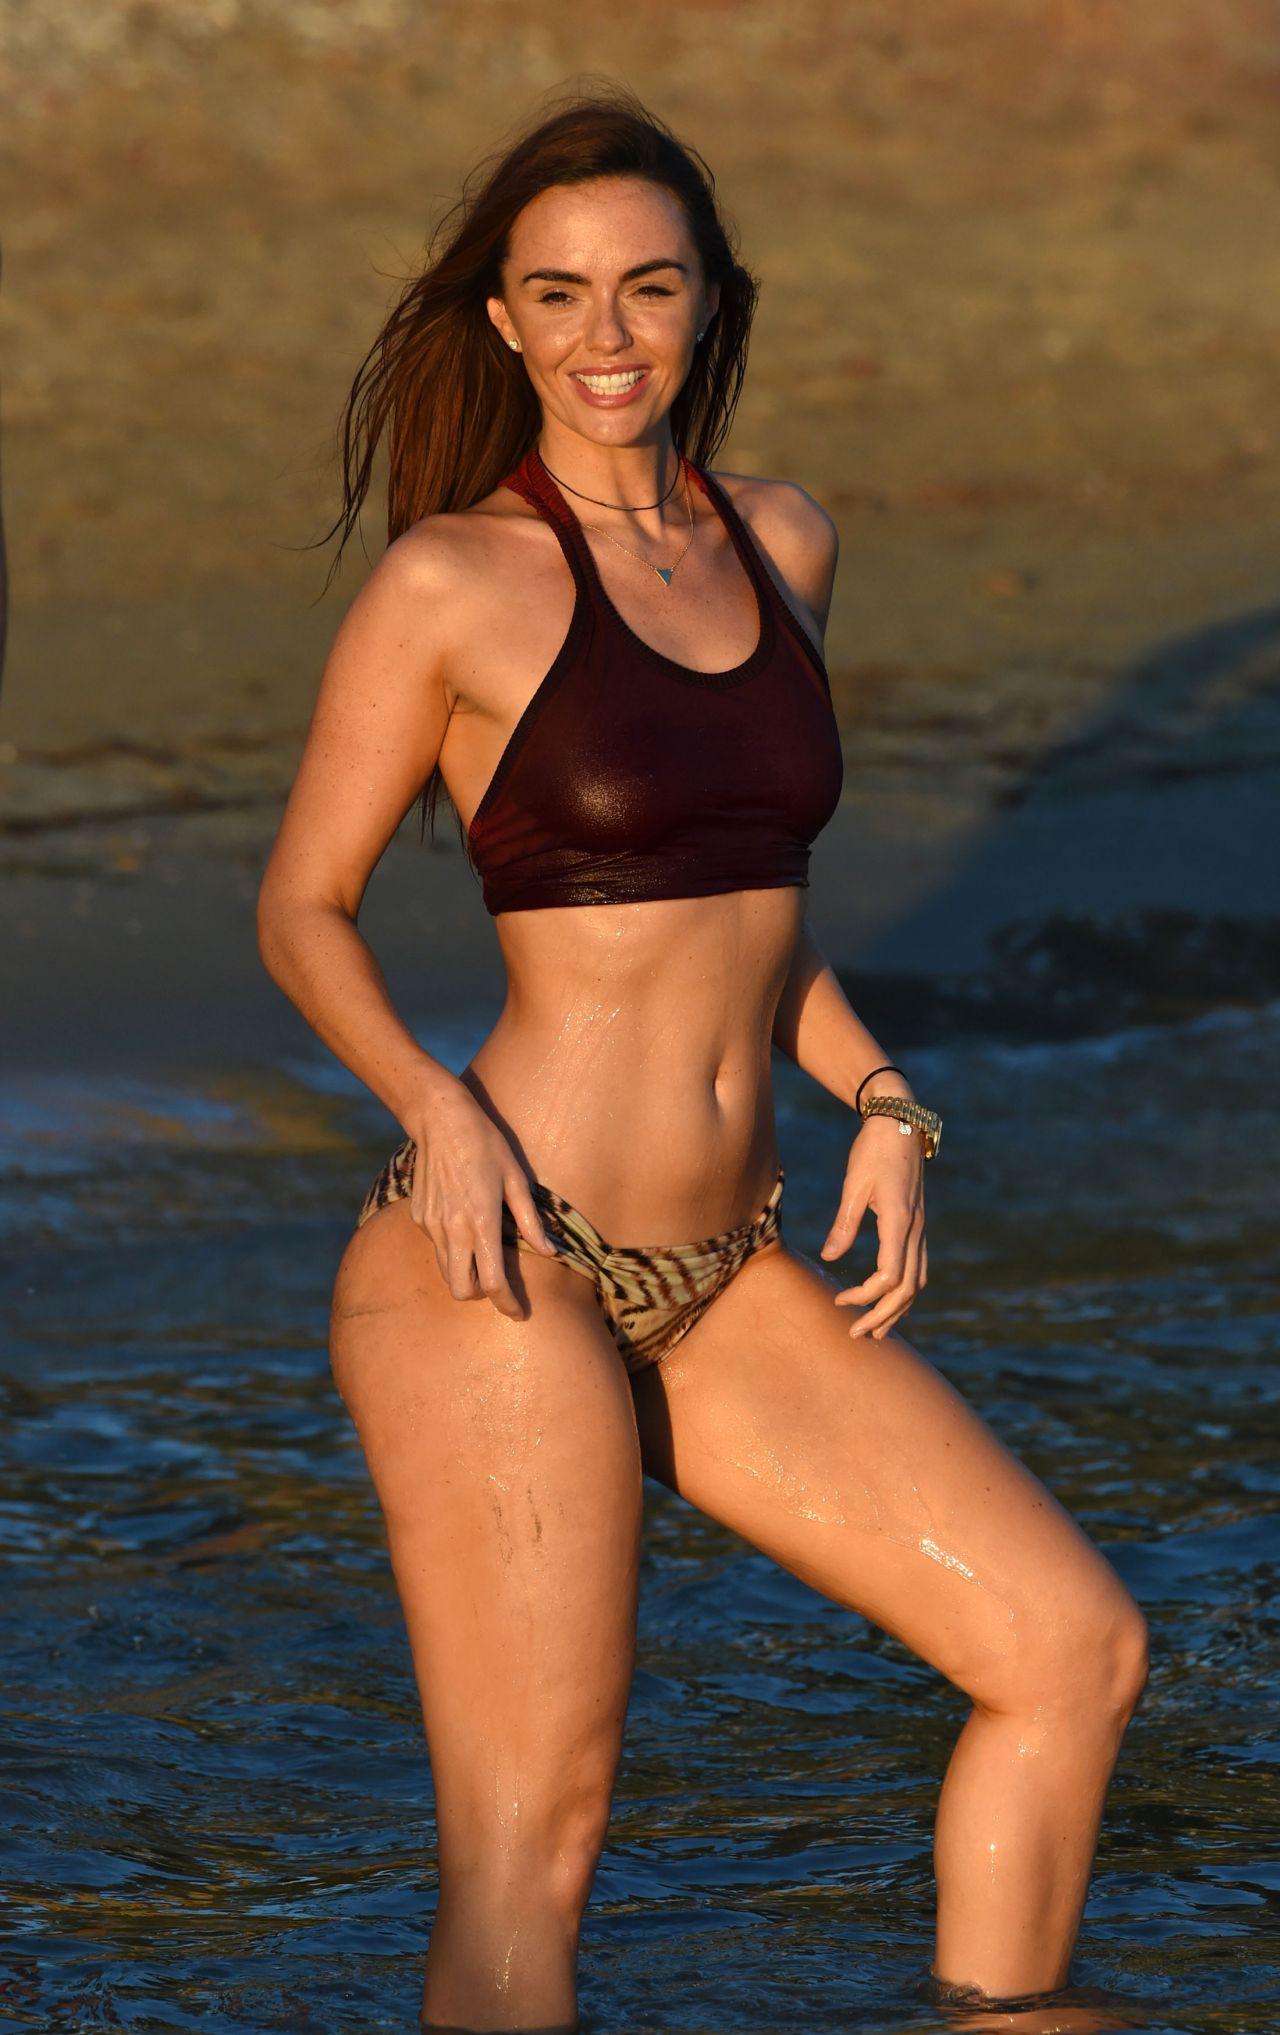 Jennifer Metcalfe in Bikini Pic 3 of 35